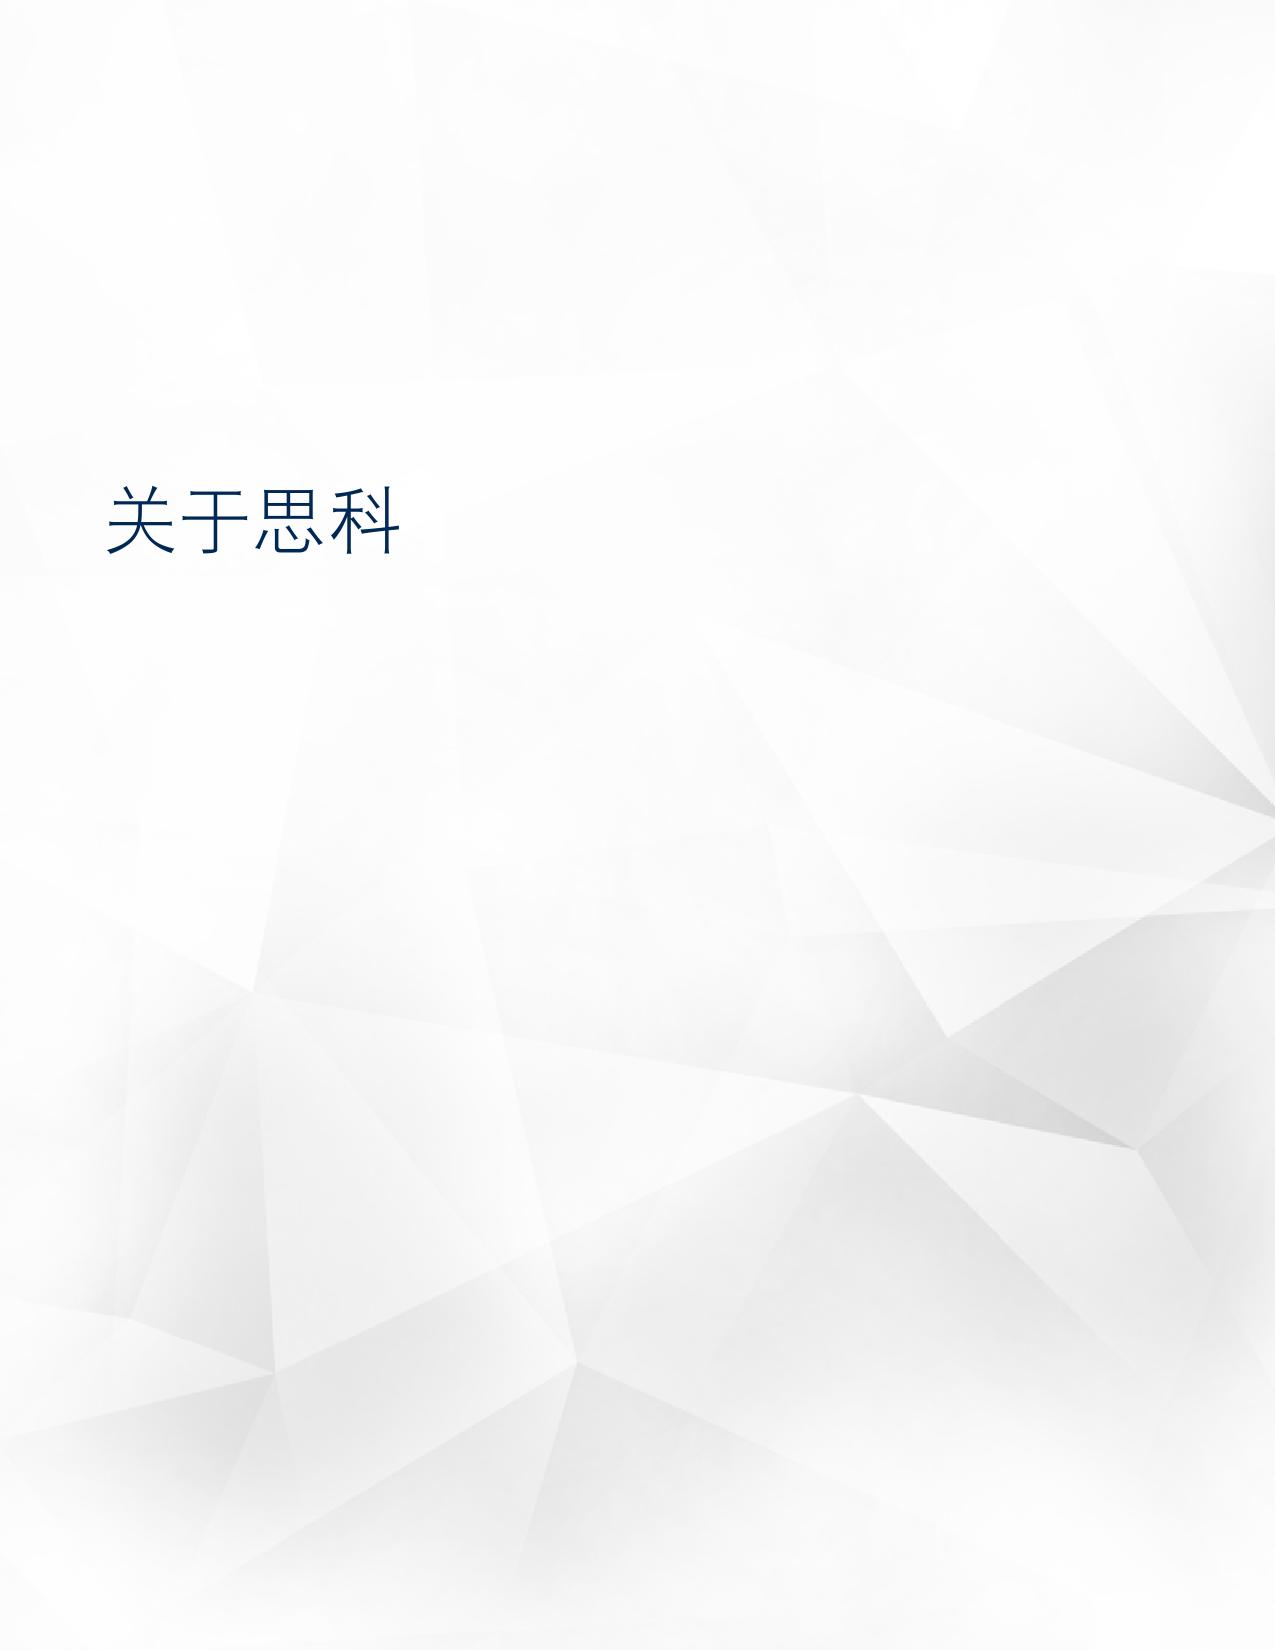 2016年中网络安全报告_000064